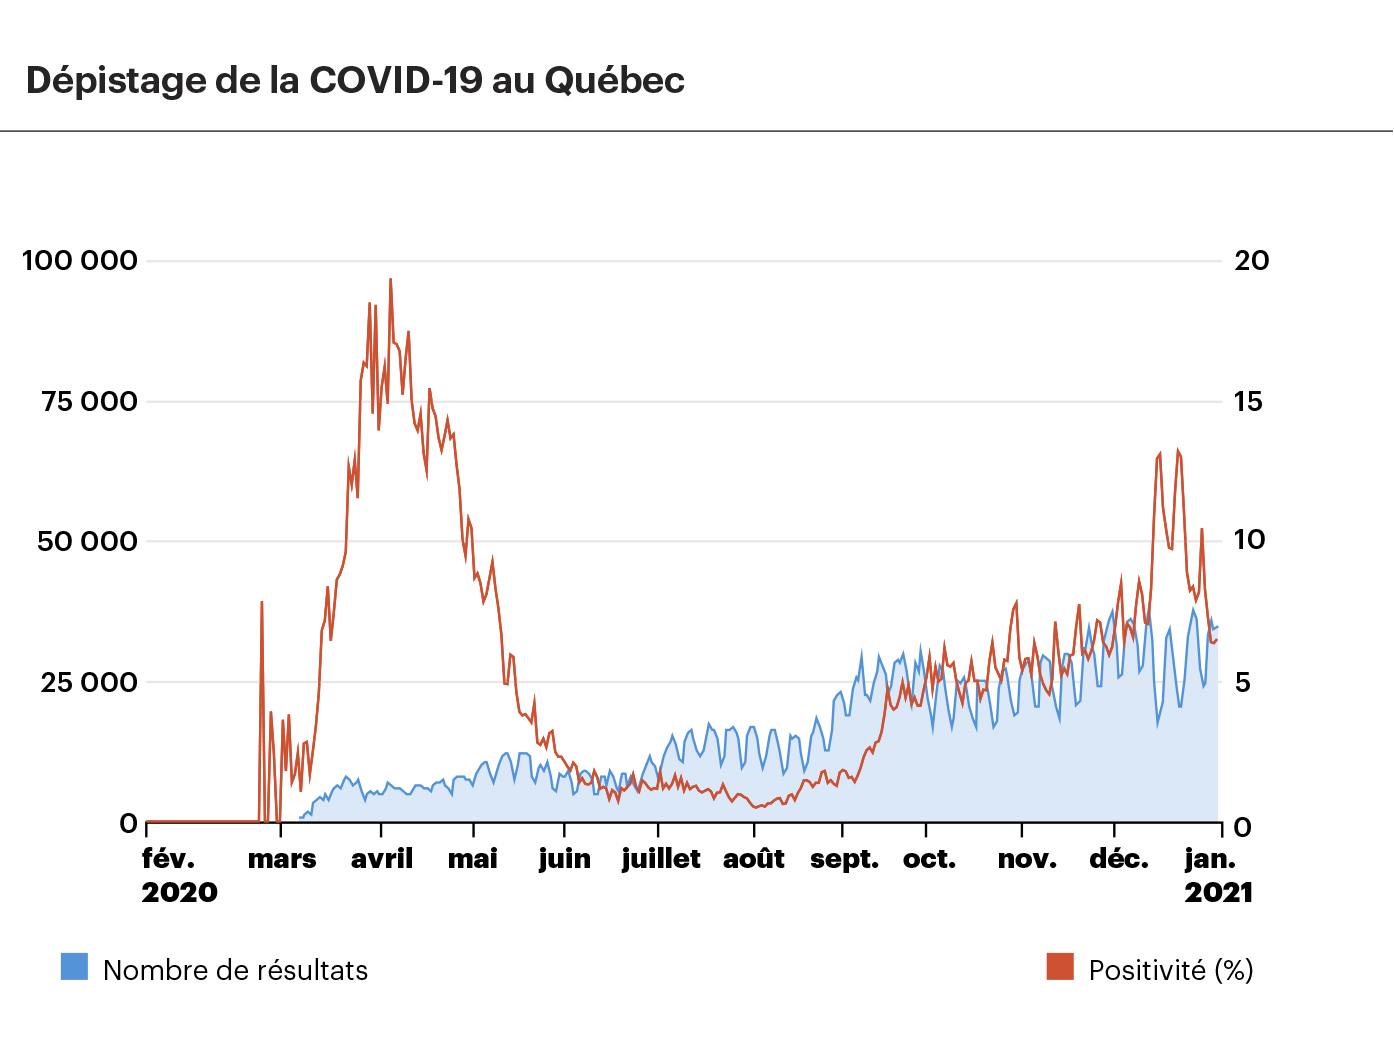 Graphique montrant le nombre de résultats de tests de COVID-19 et le taux de positivité au fil du temps